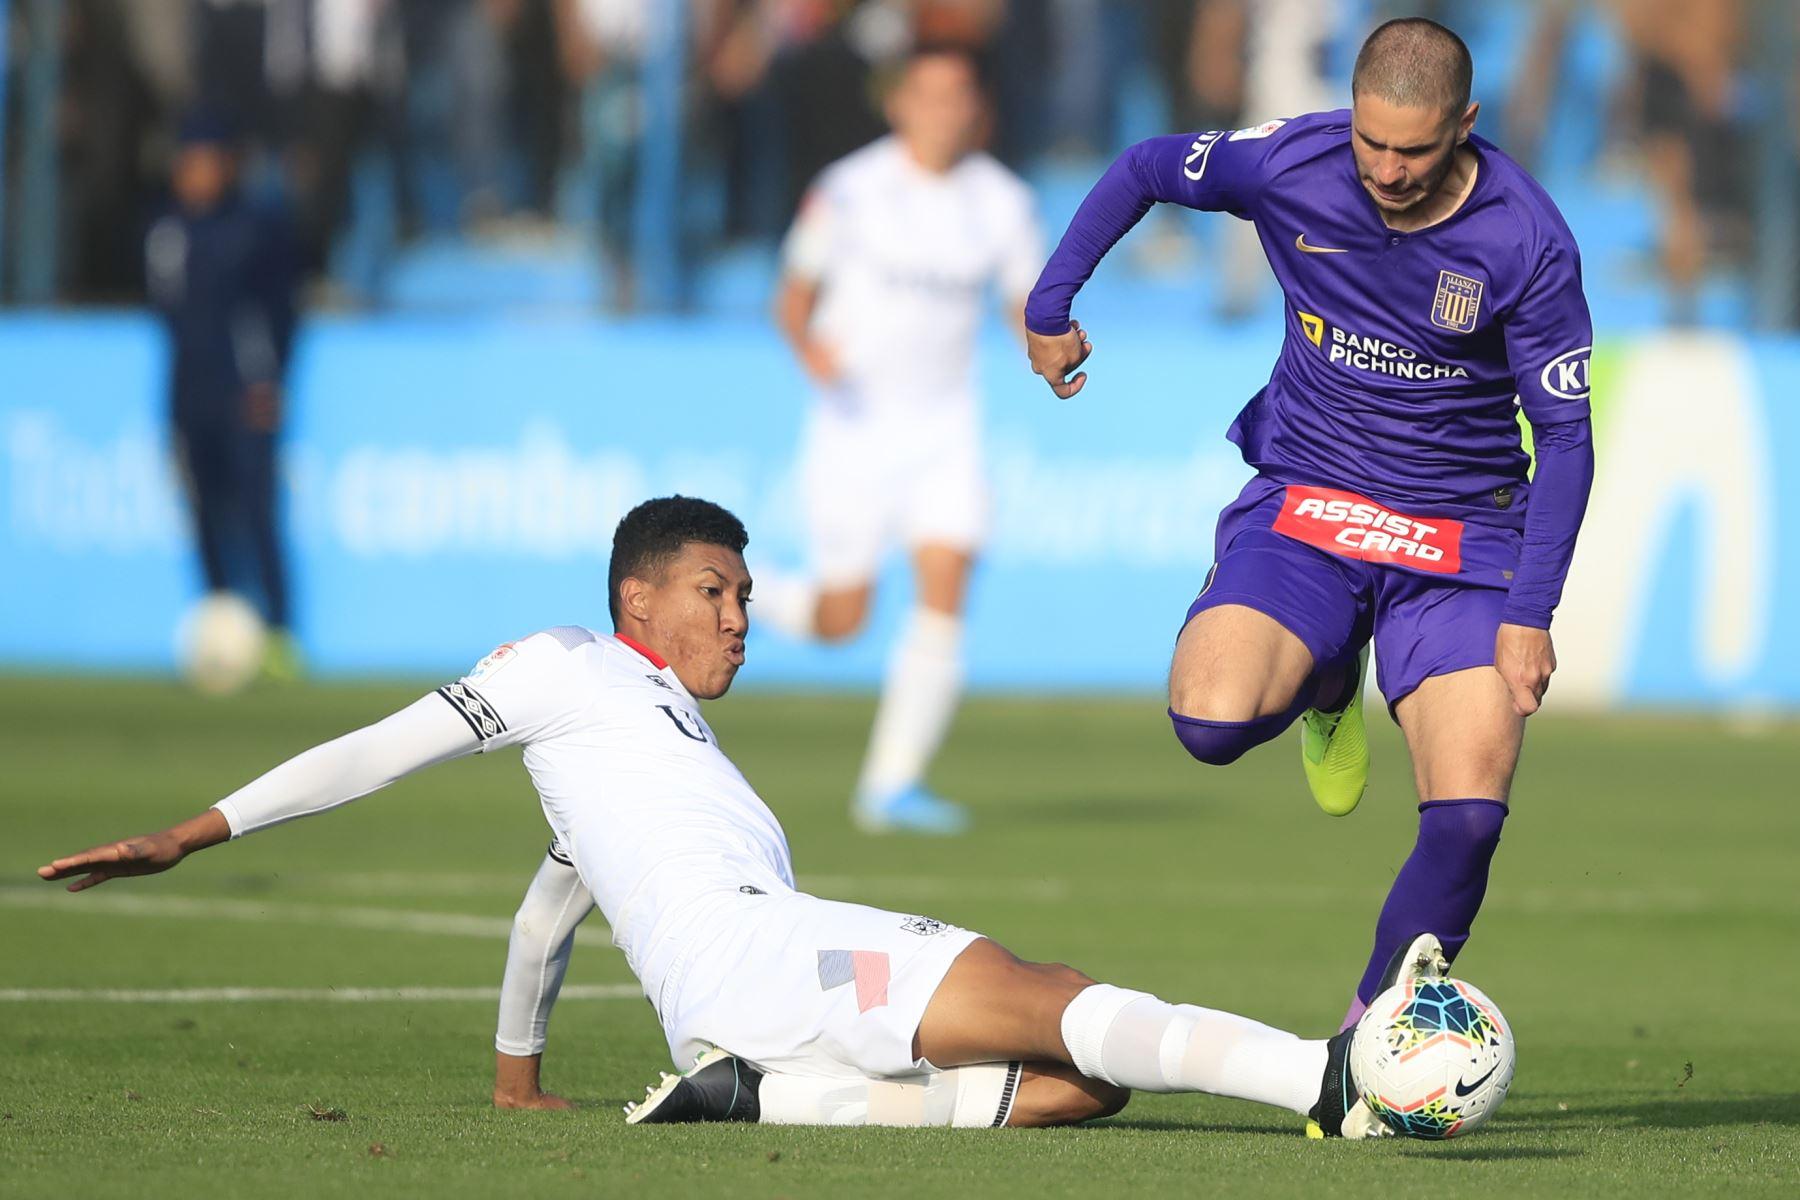 Felipe Rodríguez de Alianza Lima disputa el balón durante el partido contra San Martín jugado en el estadio Alberto Gallardo.          Foto: Andina/Juan Carlos Guzmán Negrini